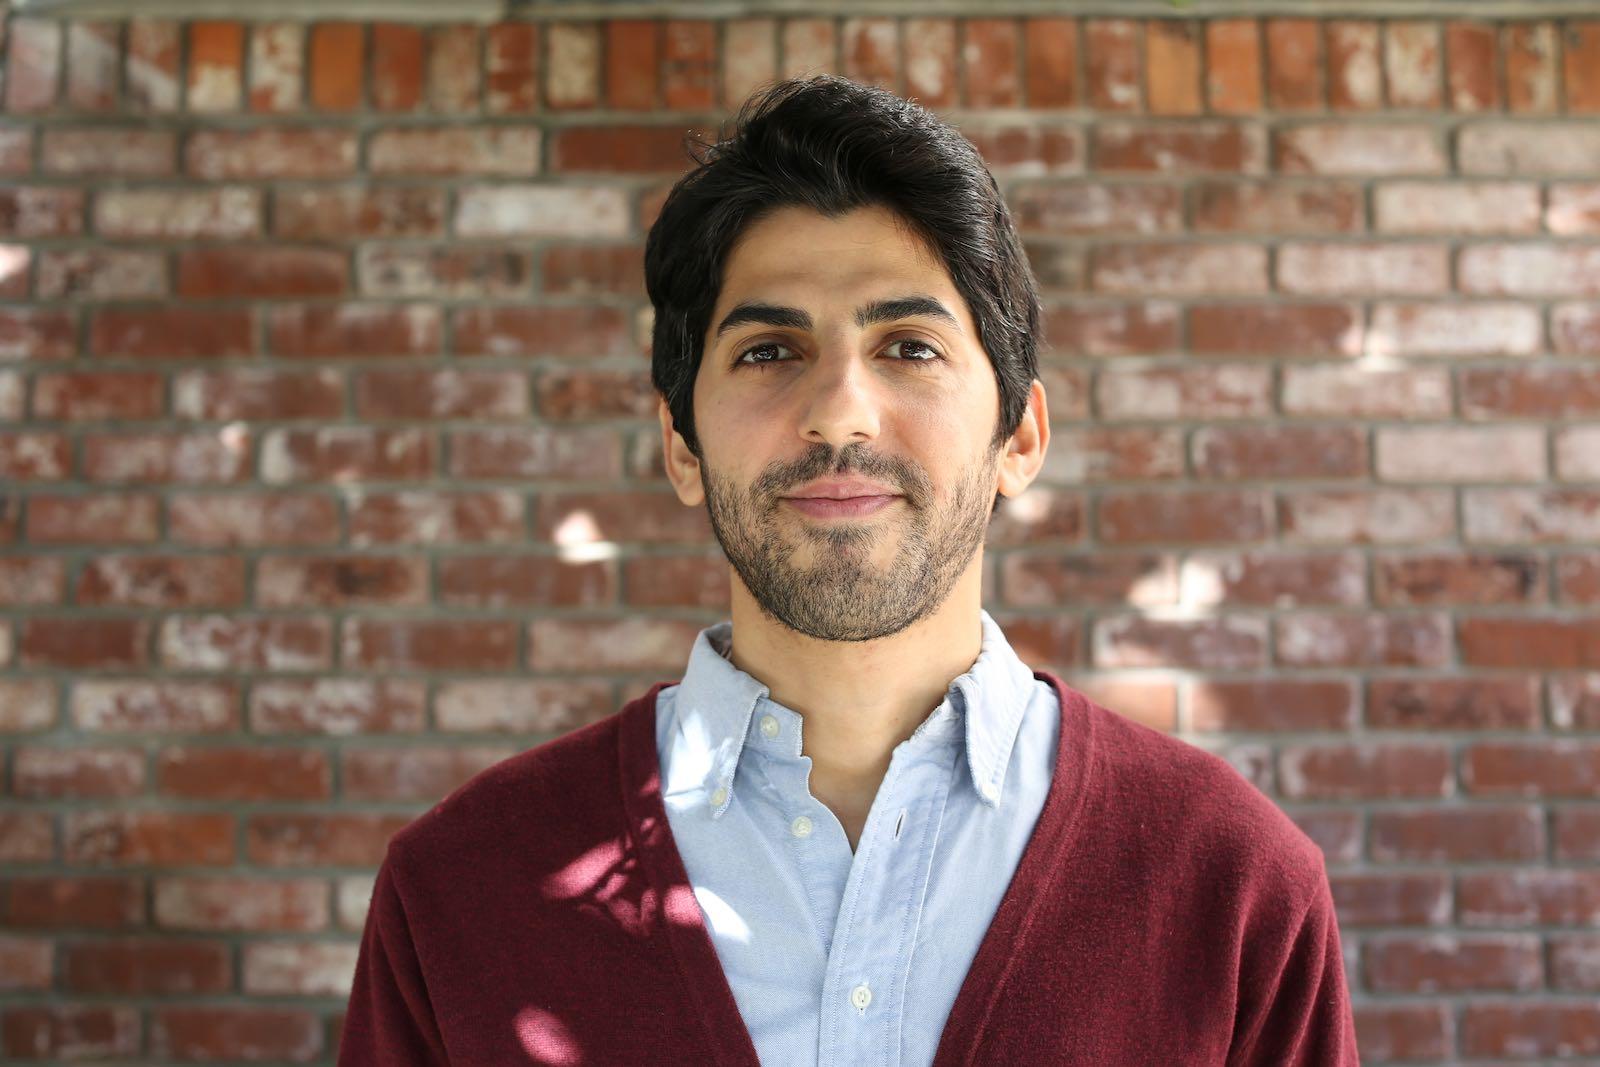 Jehad al-Saftawi